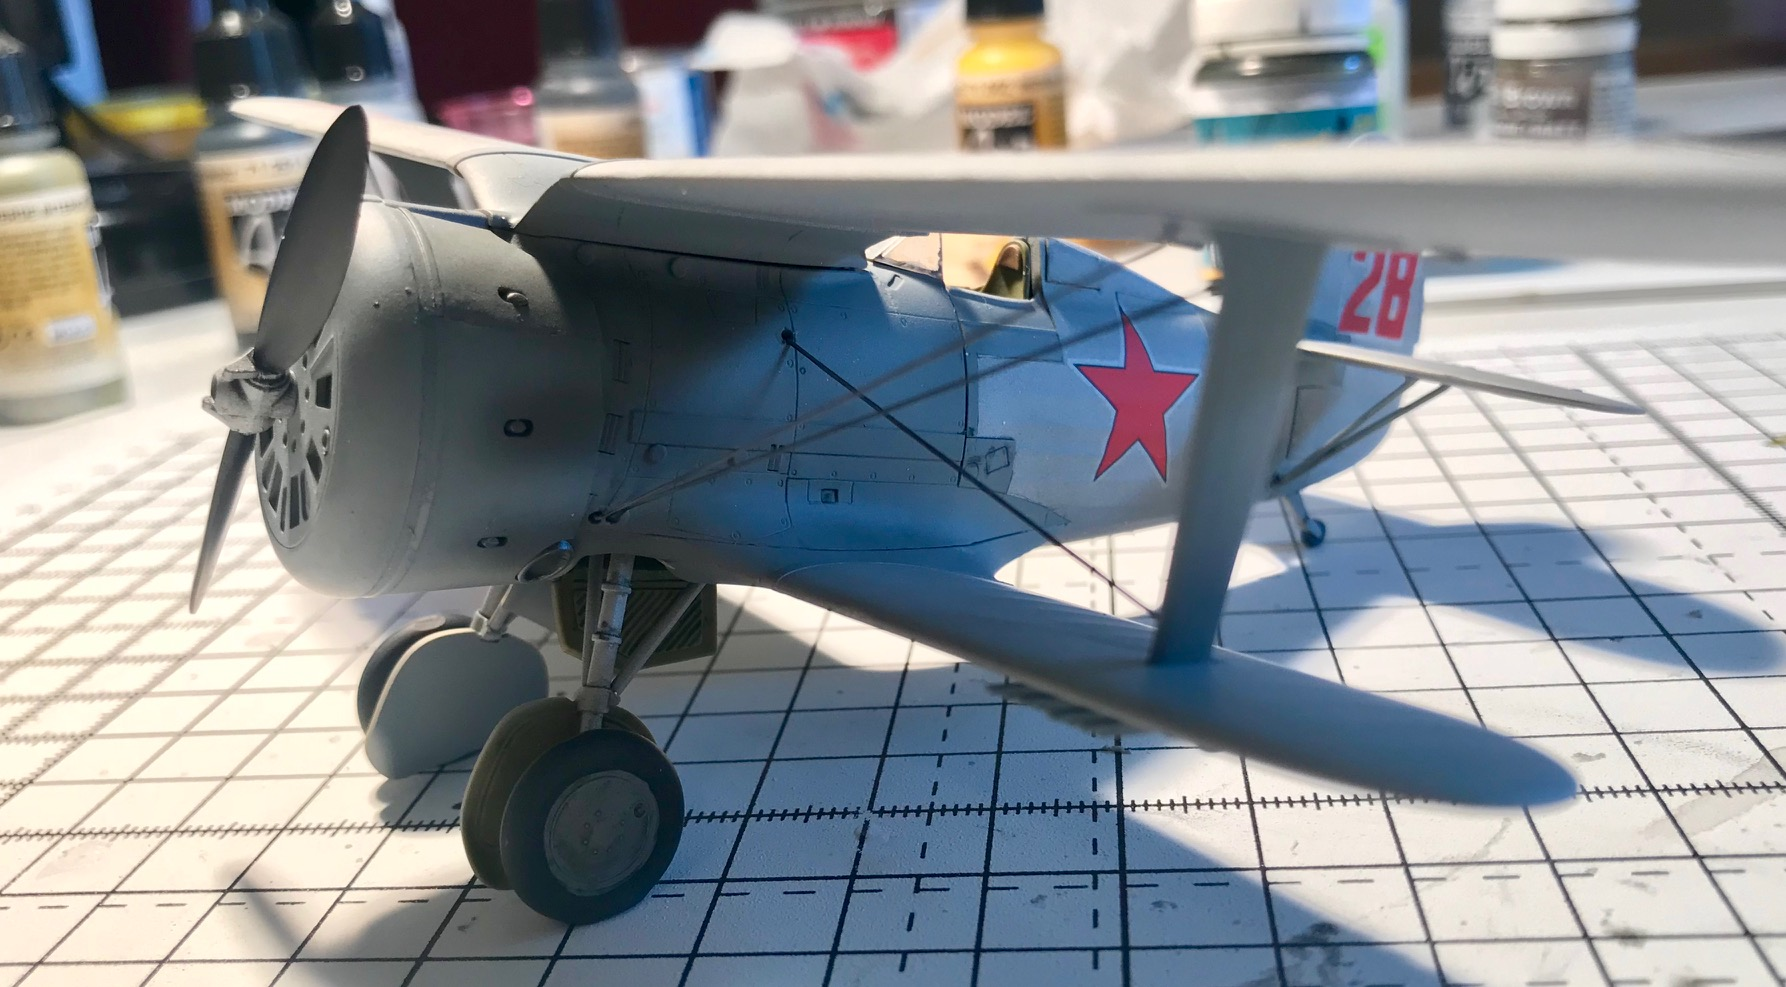 F1D5423F-24DA-4CBE-A3E4-B5C595ED857B.jpeg